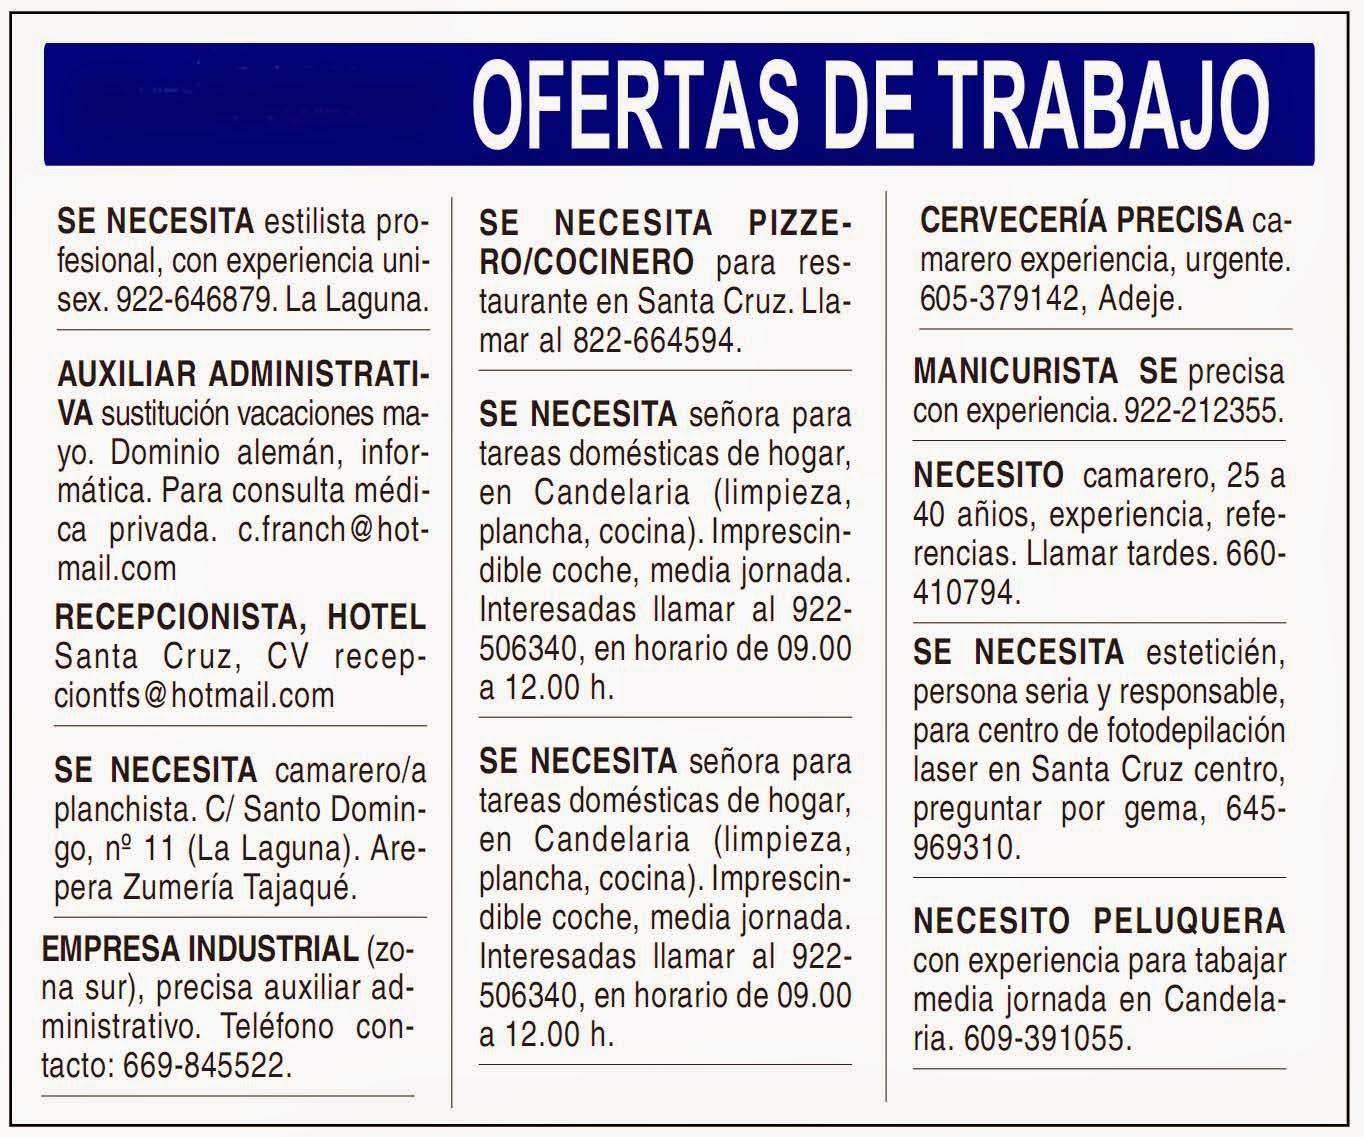 Trabajos en guayaquil abril 2015 ecuador noticias - Trabajo jardinero madrid ...